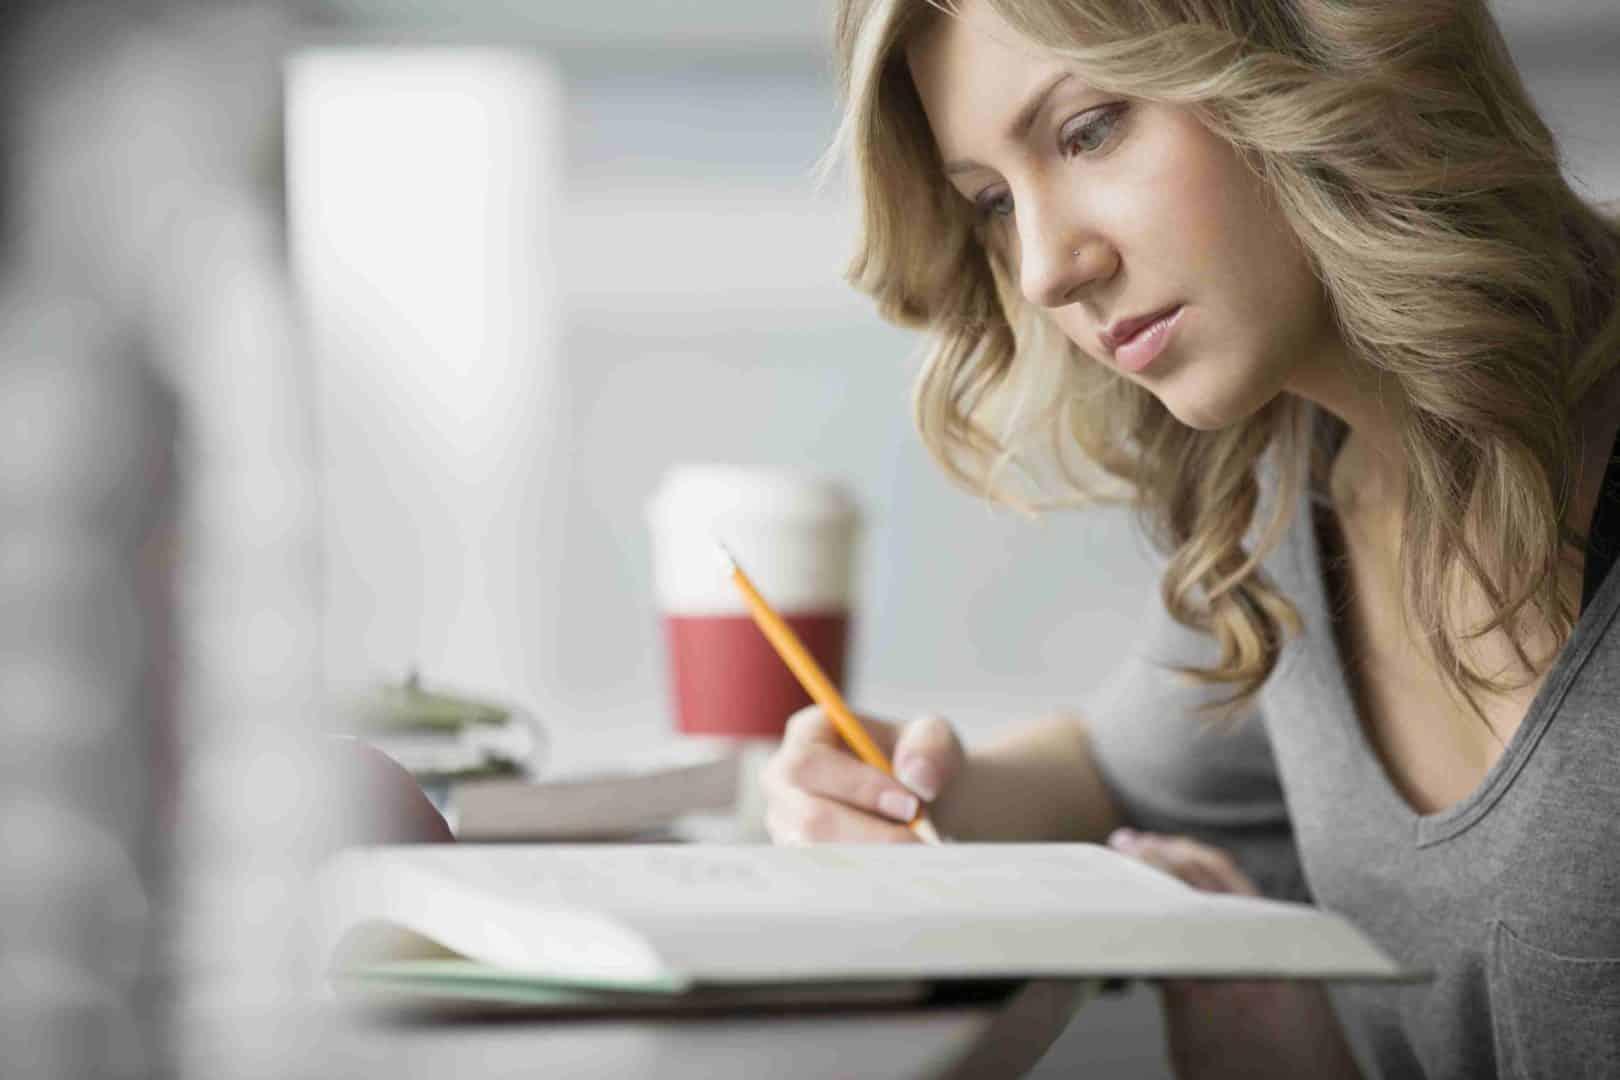 Preparando-se para os exames da faculdade: dicas úteis 1